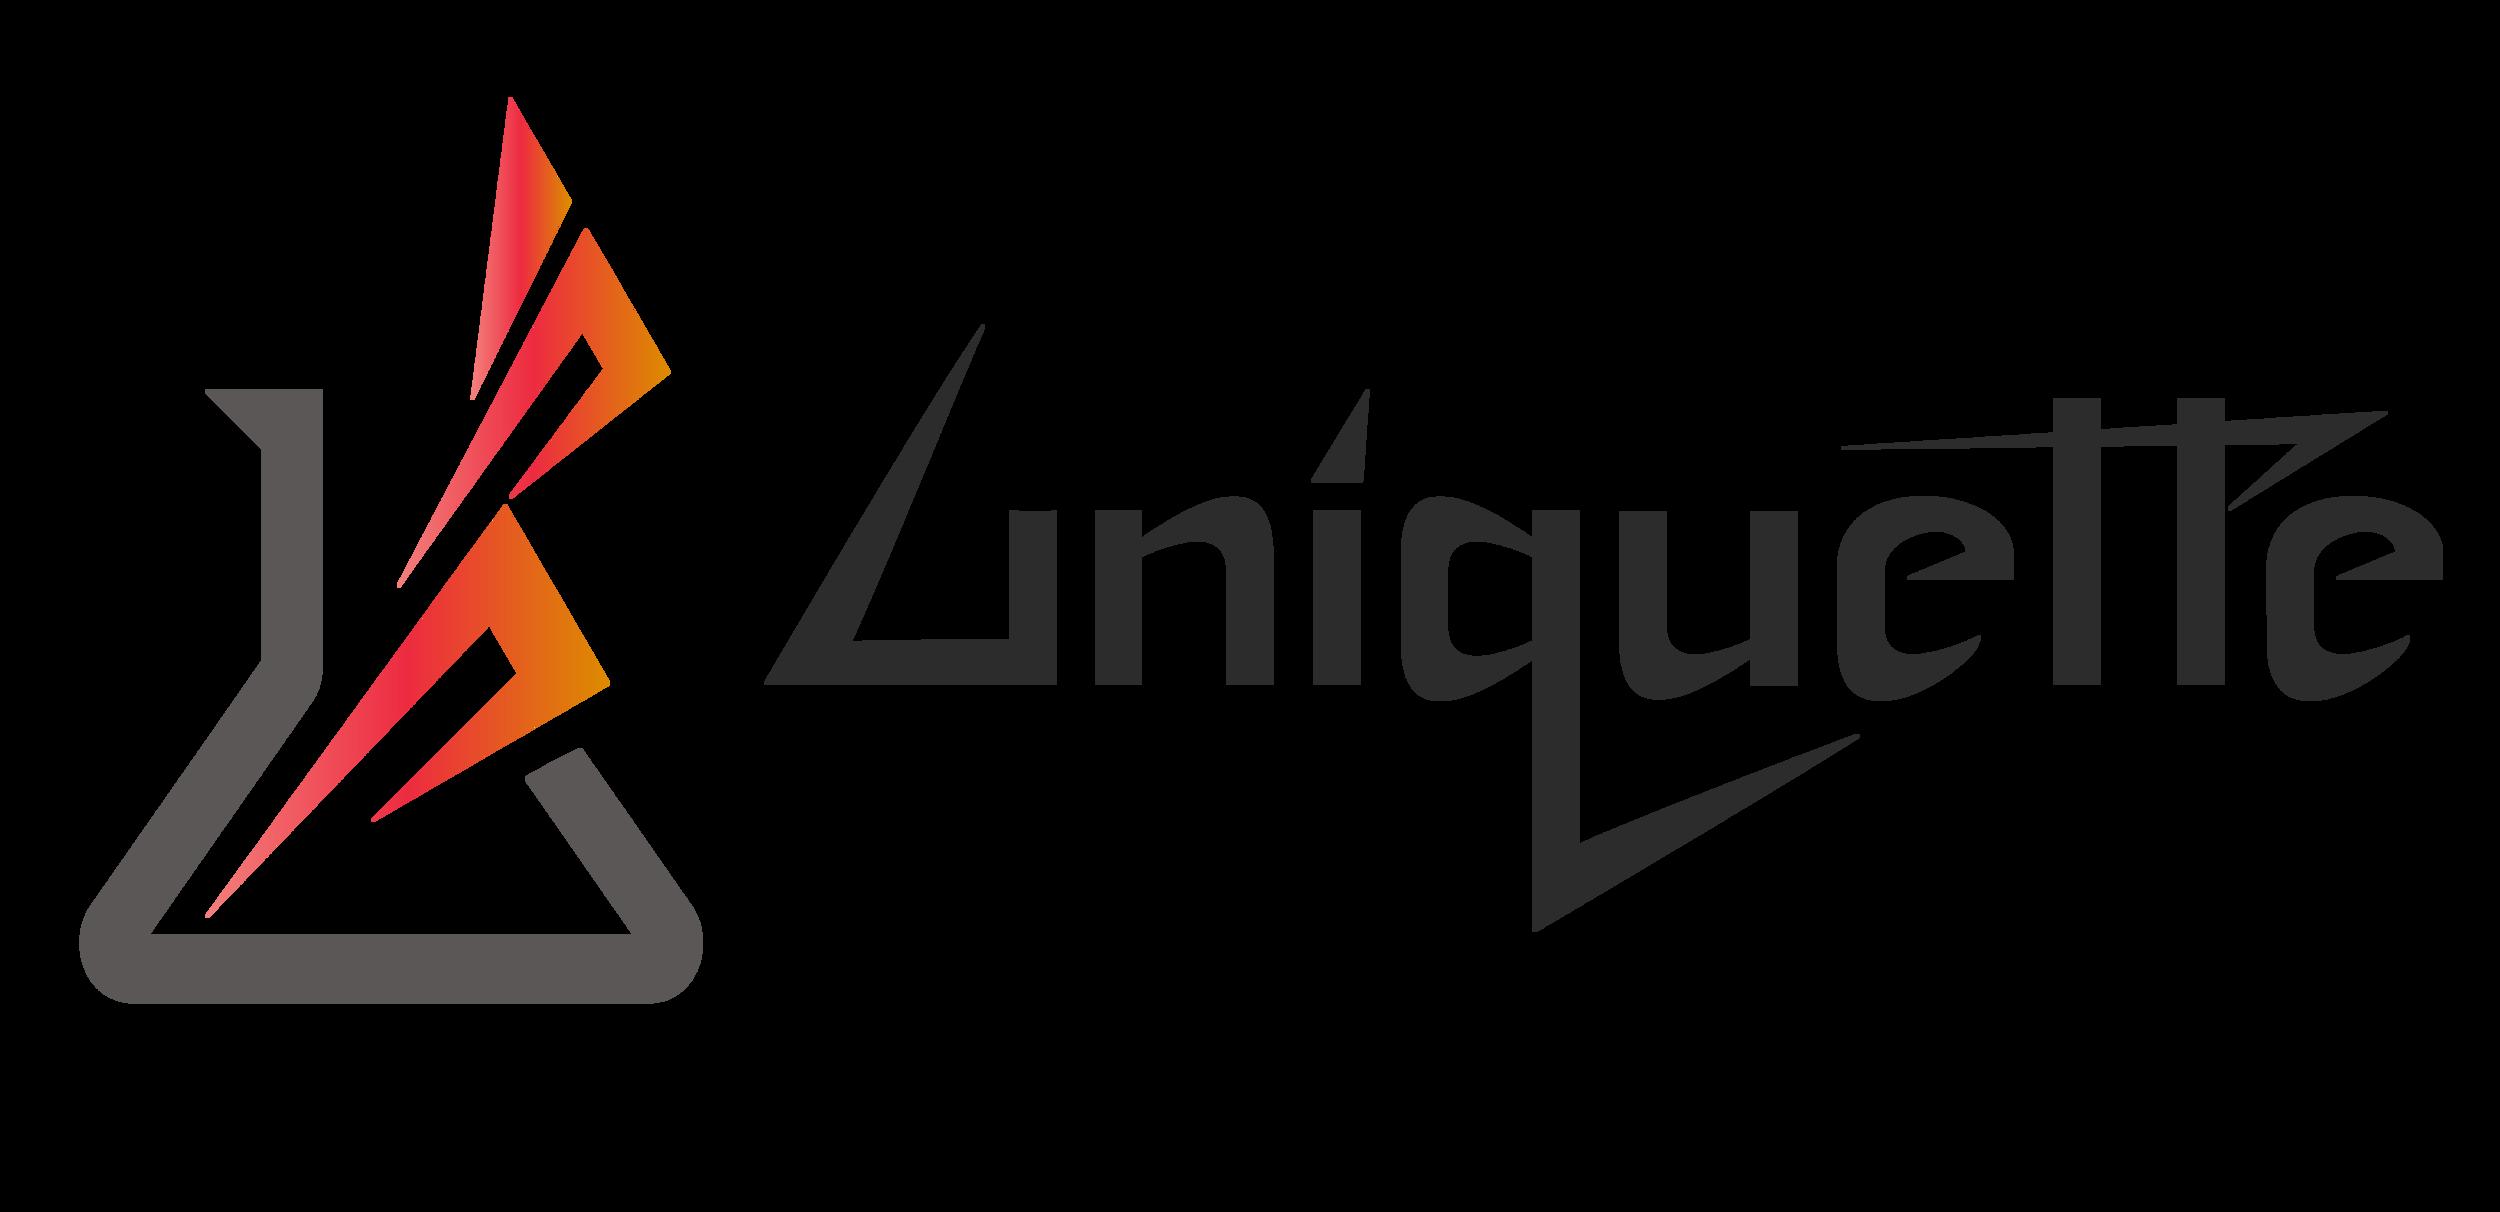 Uniquette_Logos_Final-02.png